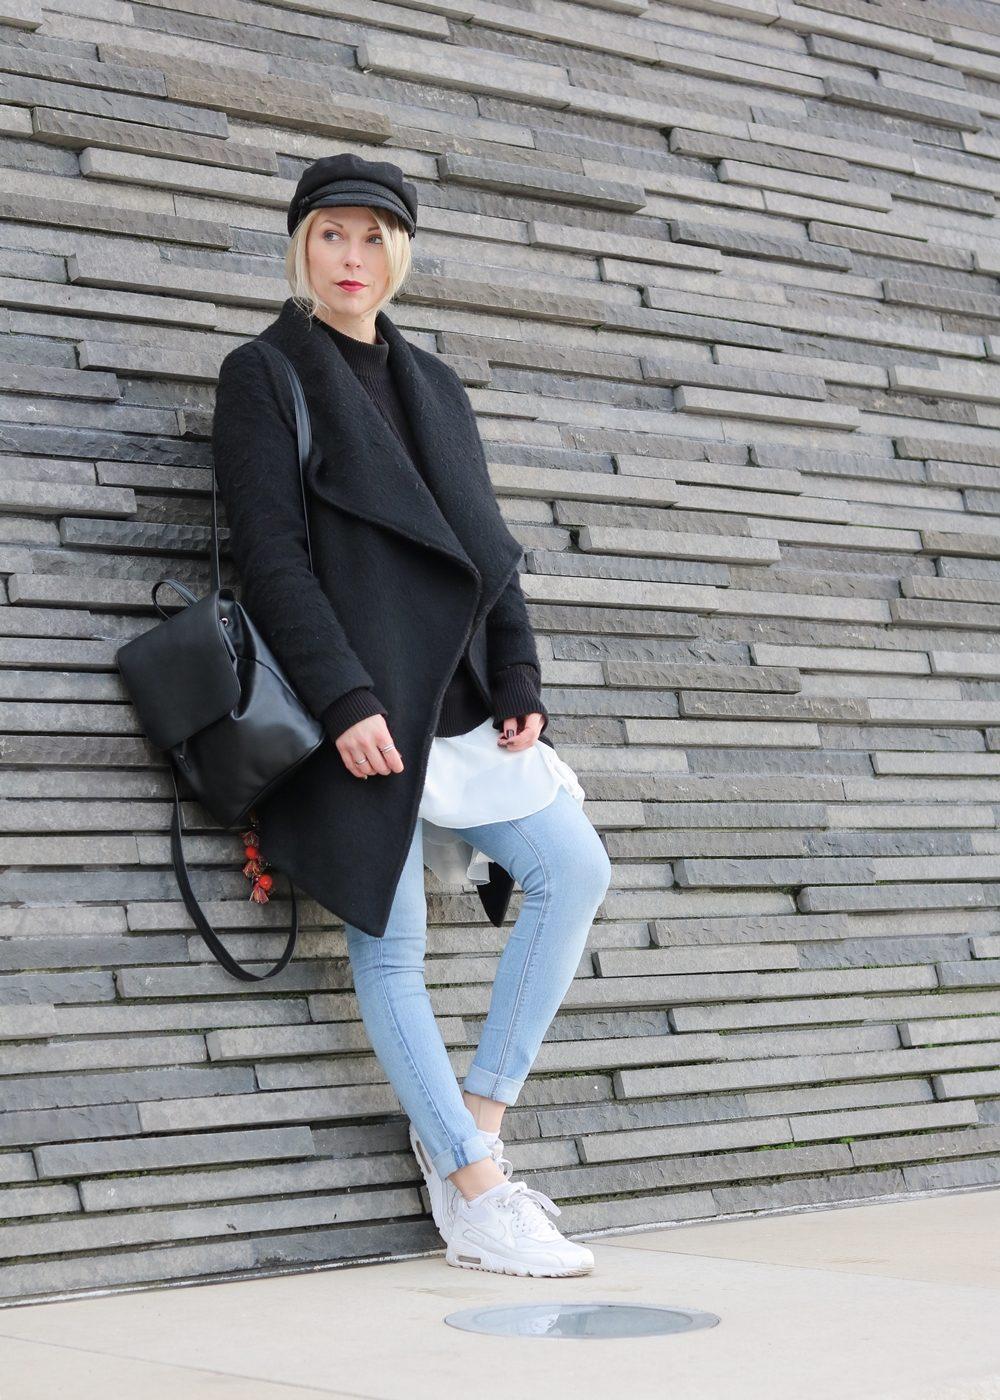 modeblogger-karlsruhe-outfit-herbst-kleid-vero-moda-rostrot-schwarzer-mantel-overknees-hut-27-von-29